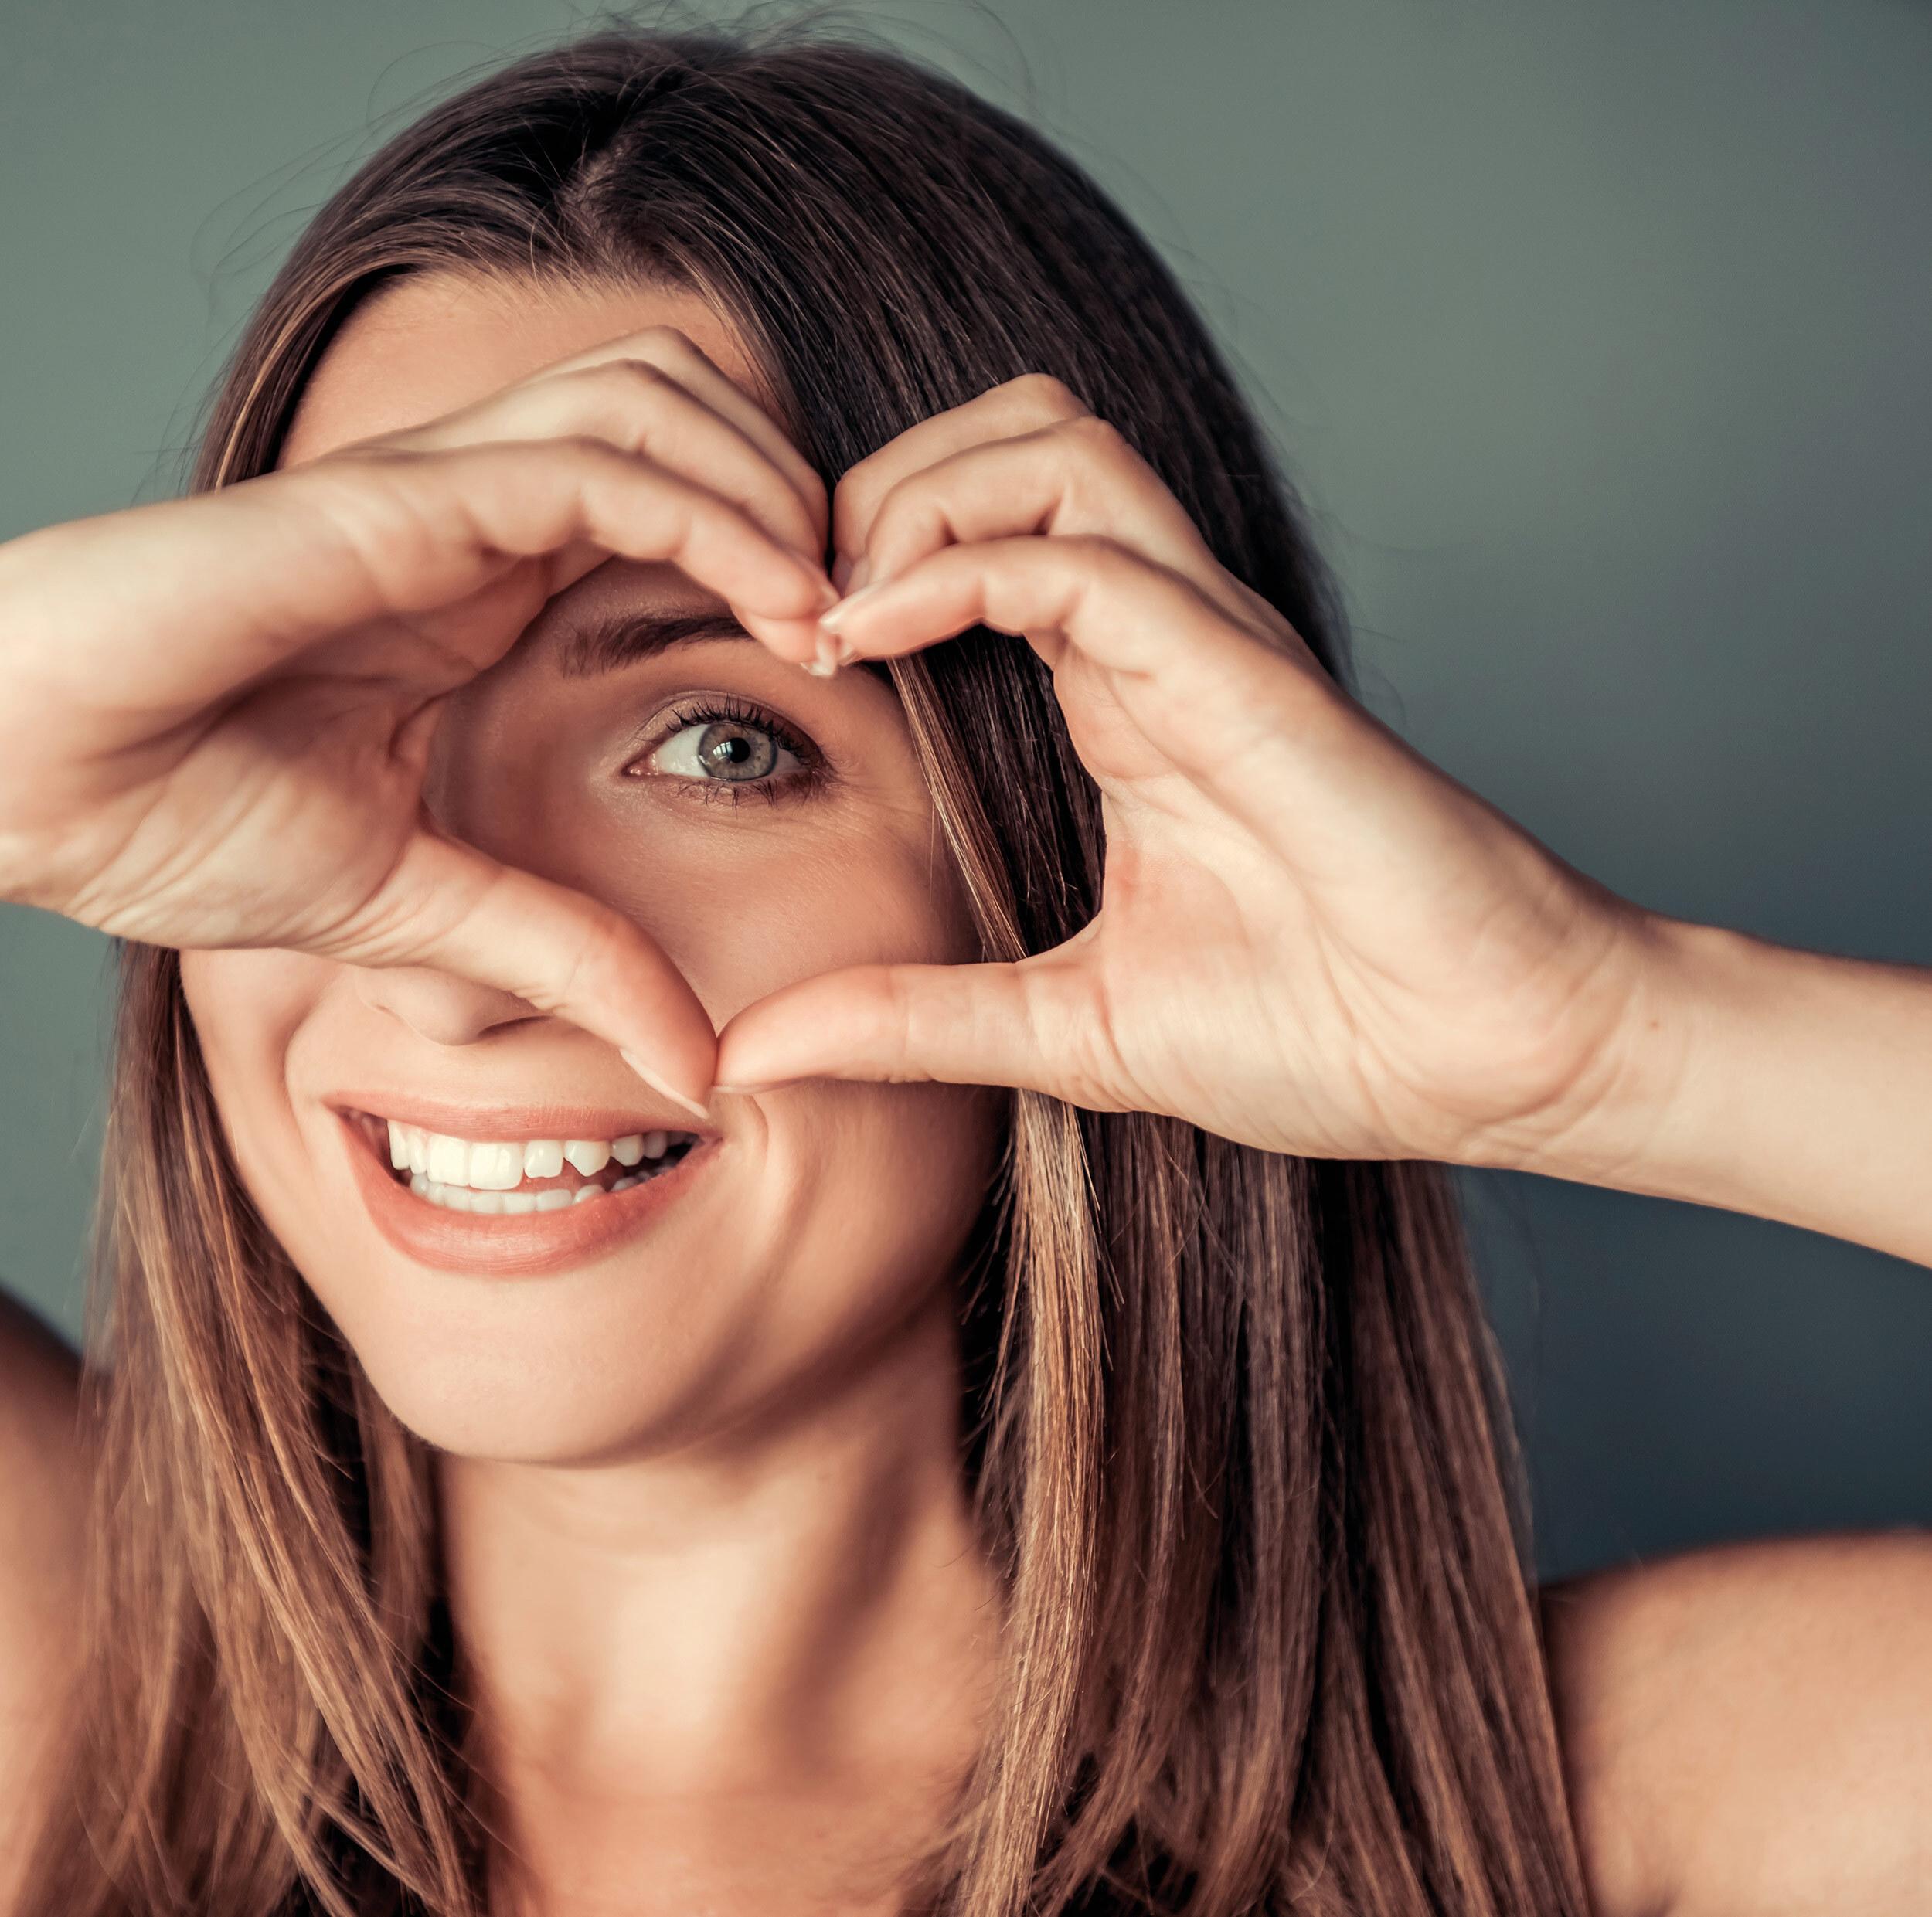 Frau formt Herz mit Händen